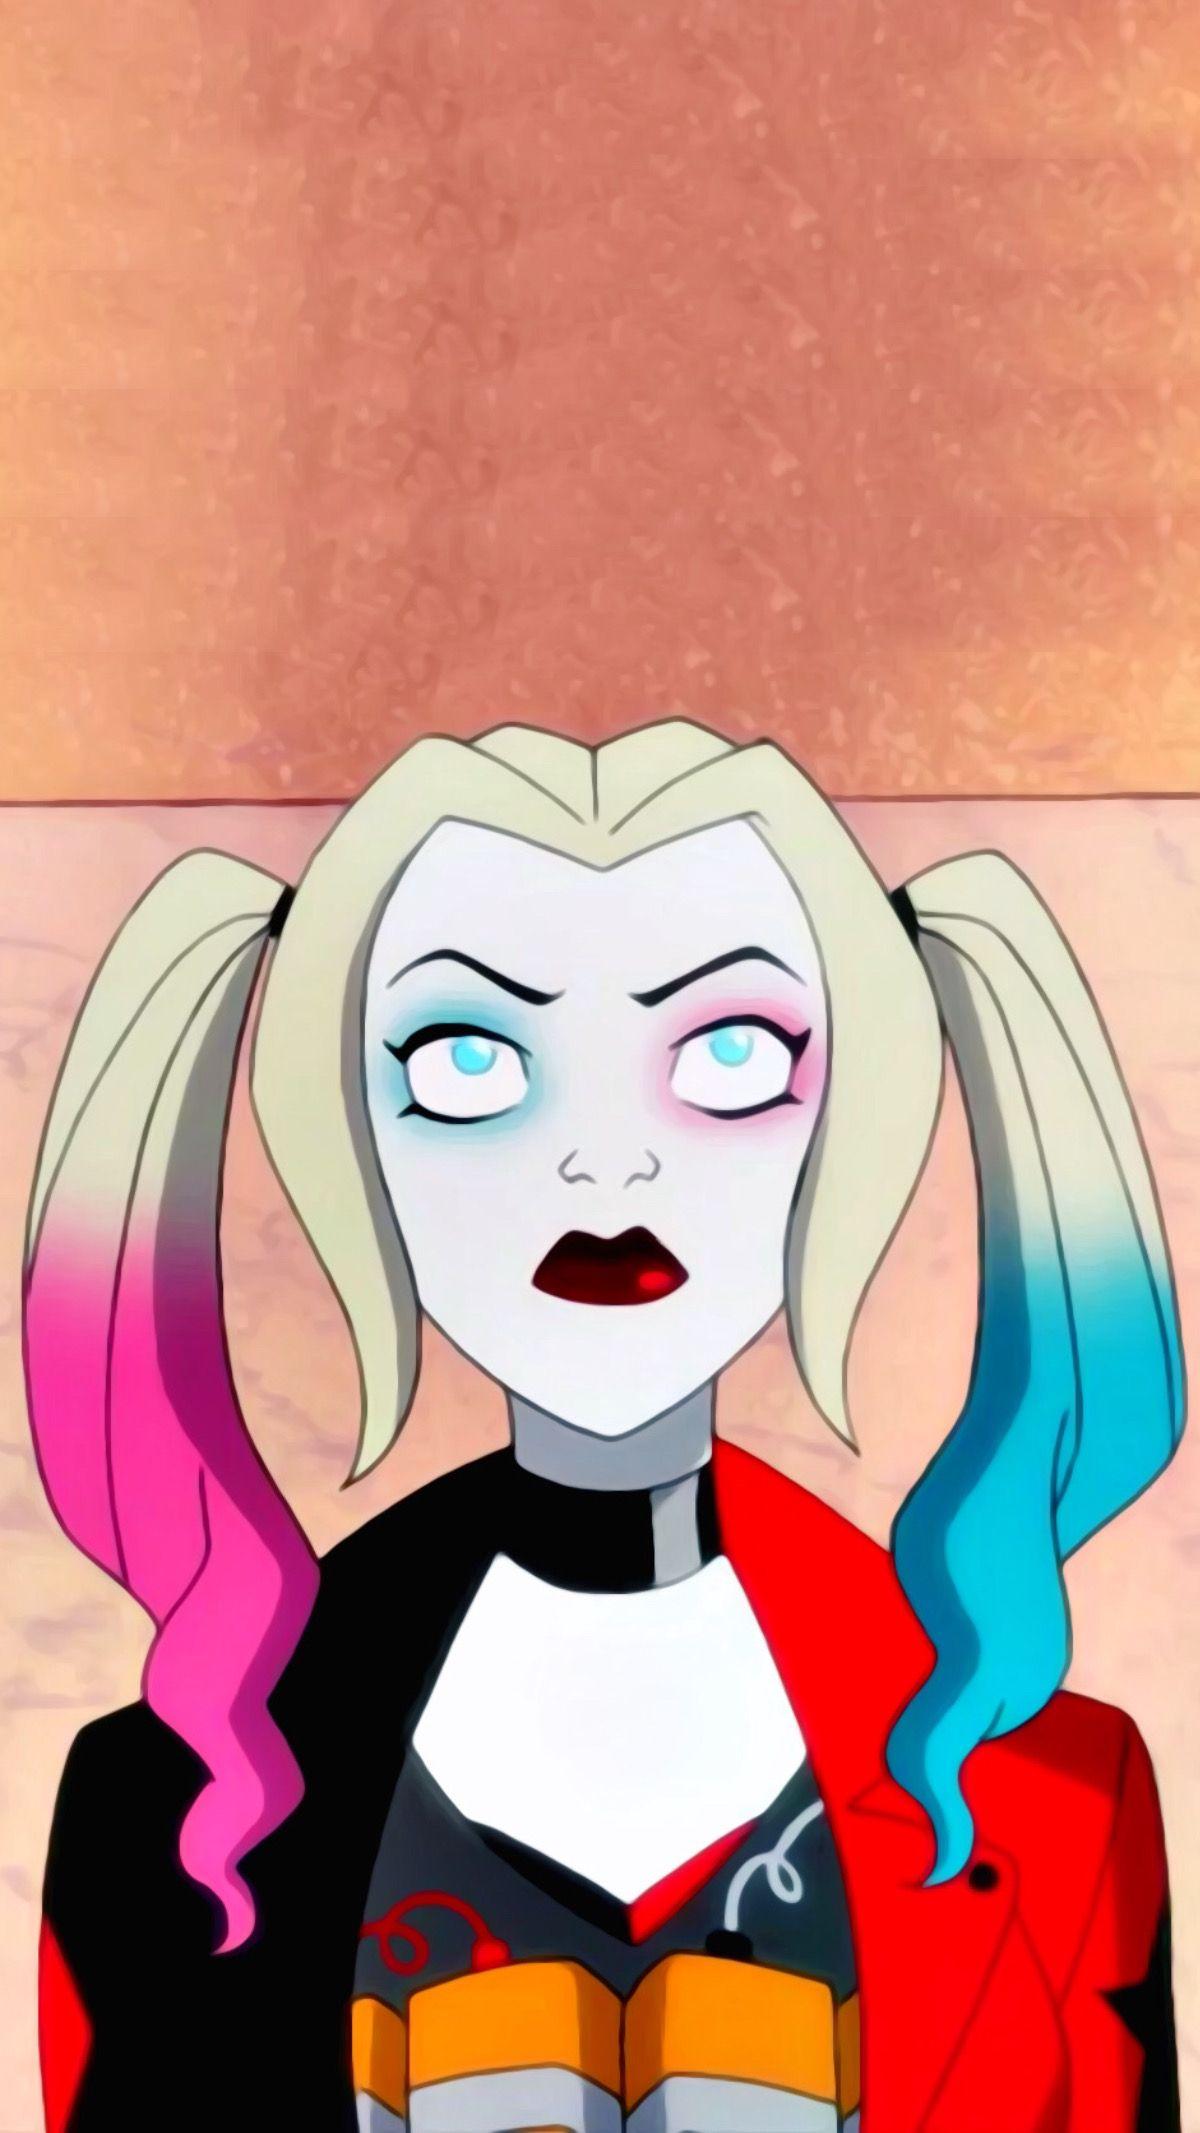 Harley Quinn Wallpaper Cartoon : harley, quinn, wallpaper, cartoon, ♦️Harley, Quinn, Series♦️